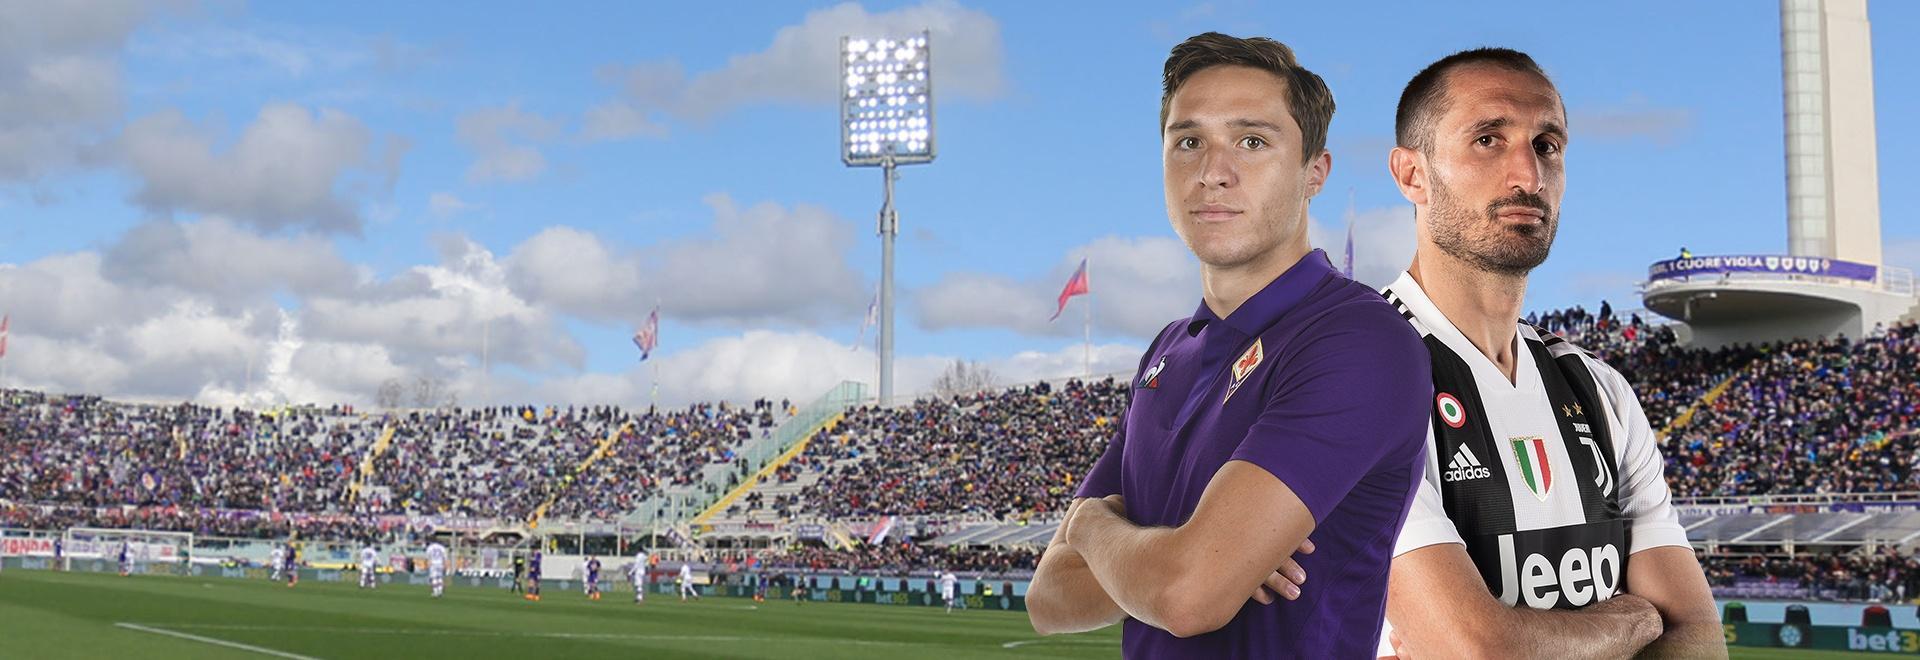 Fiorentina - Juventus. 14a g.